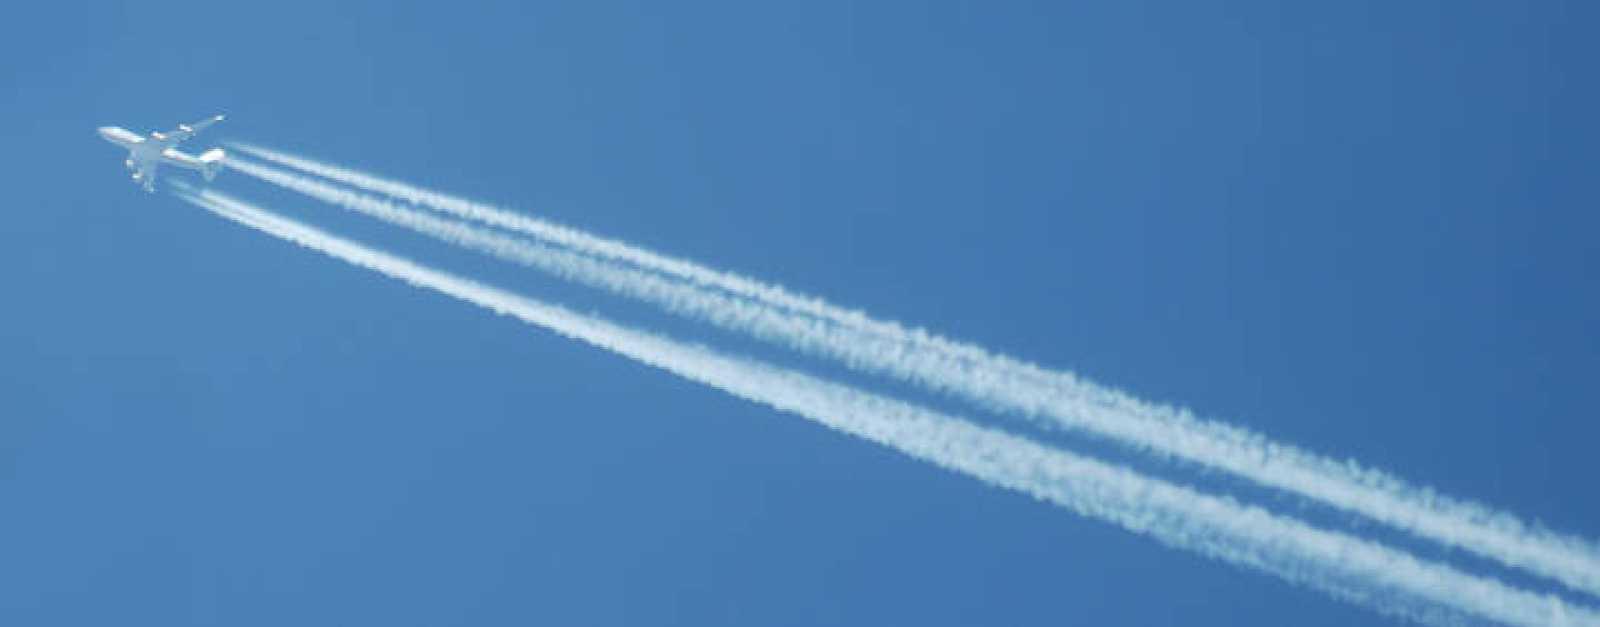 Las estelas que forman los aviones están compuestas por agua condensada